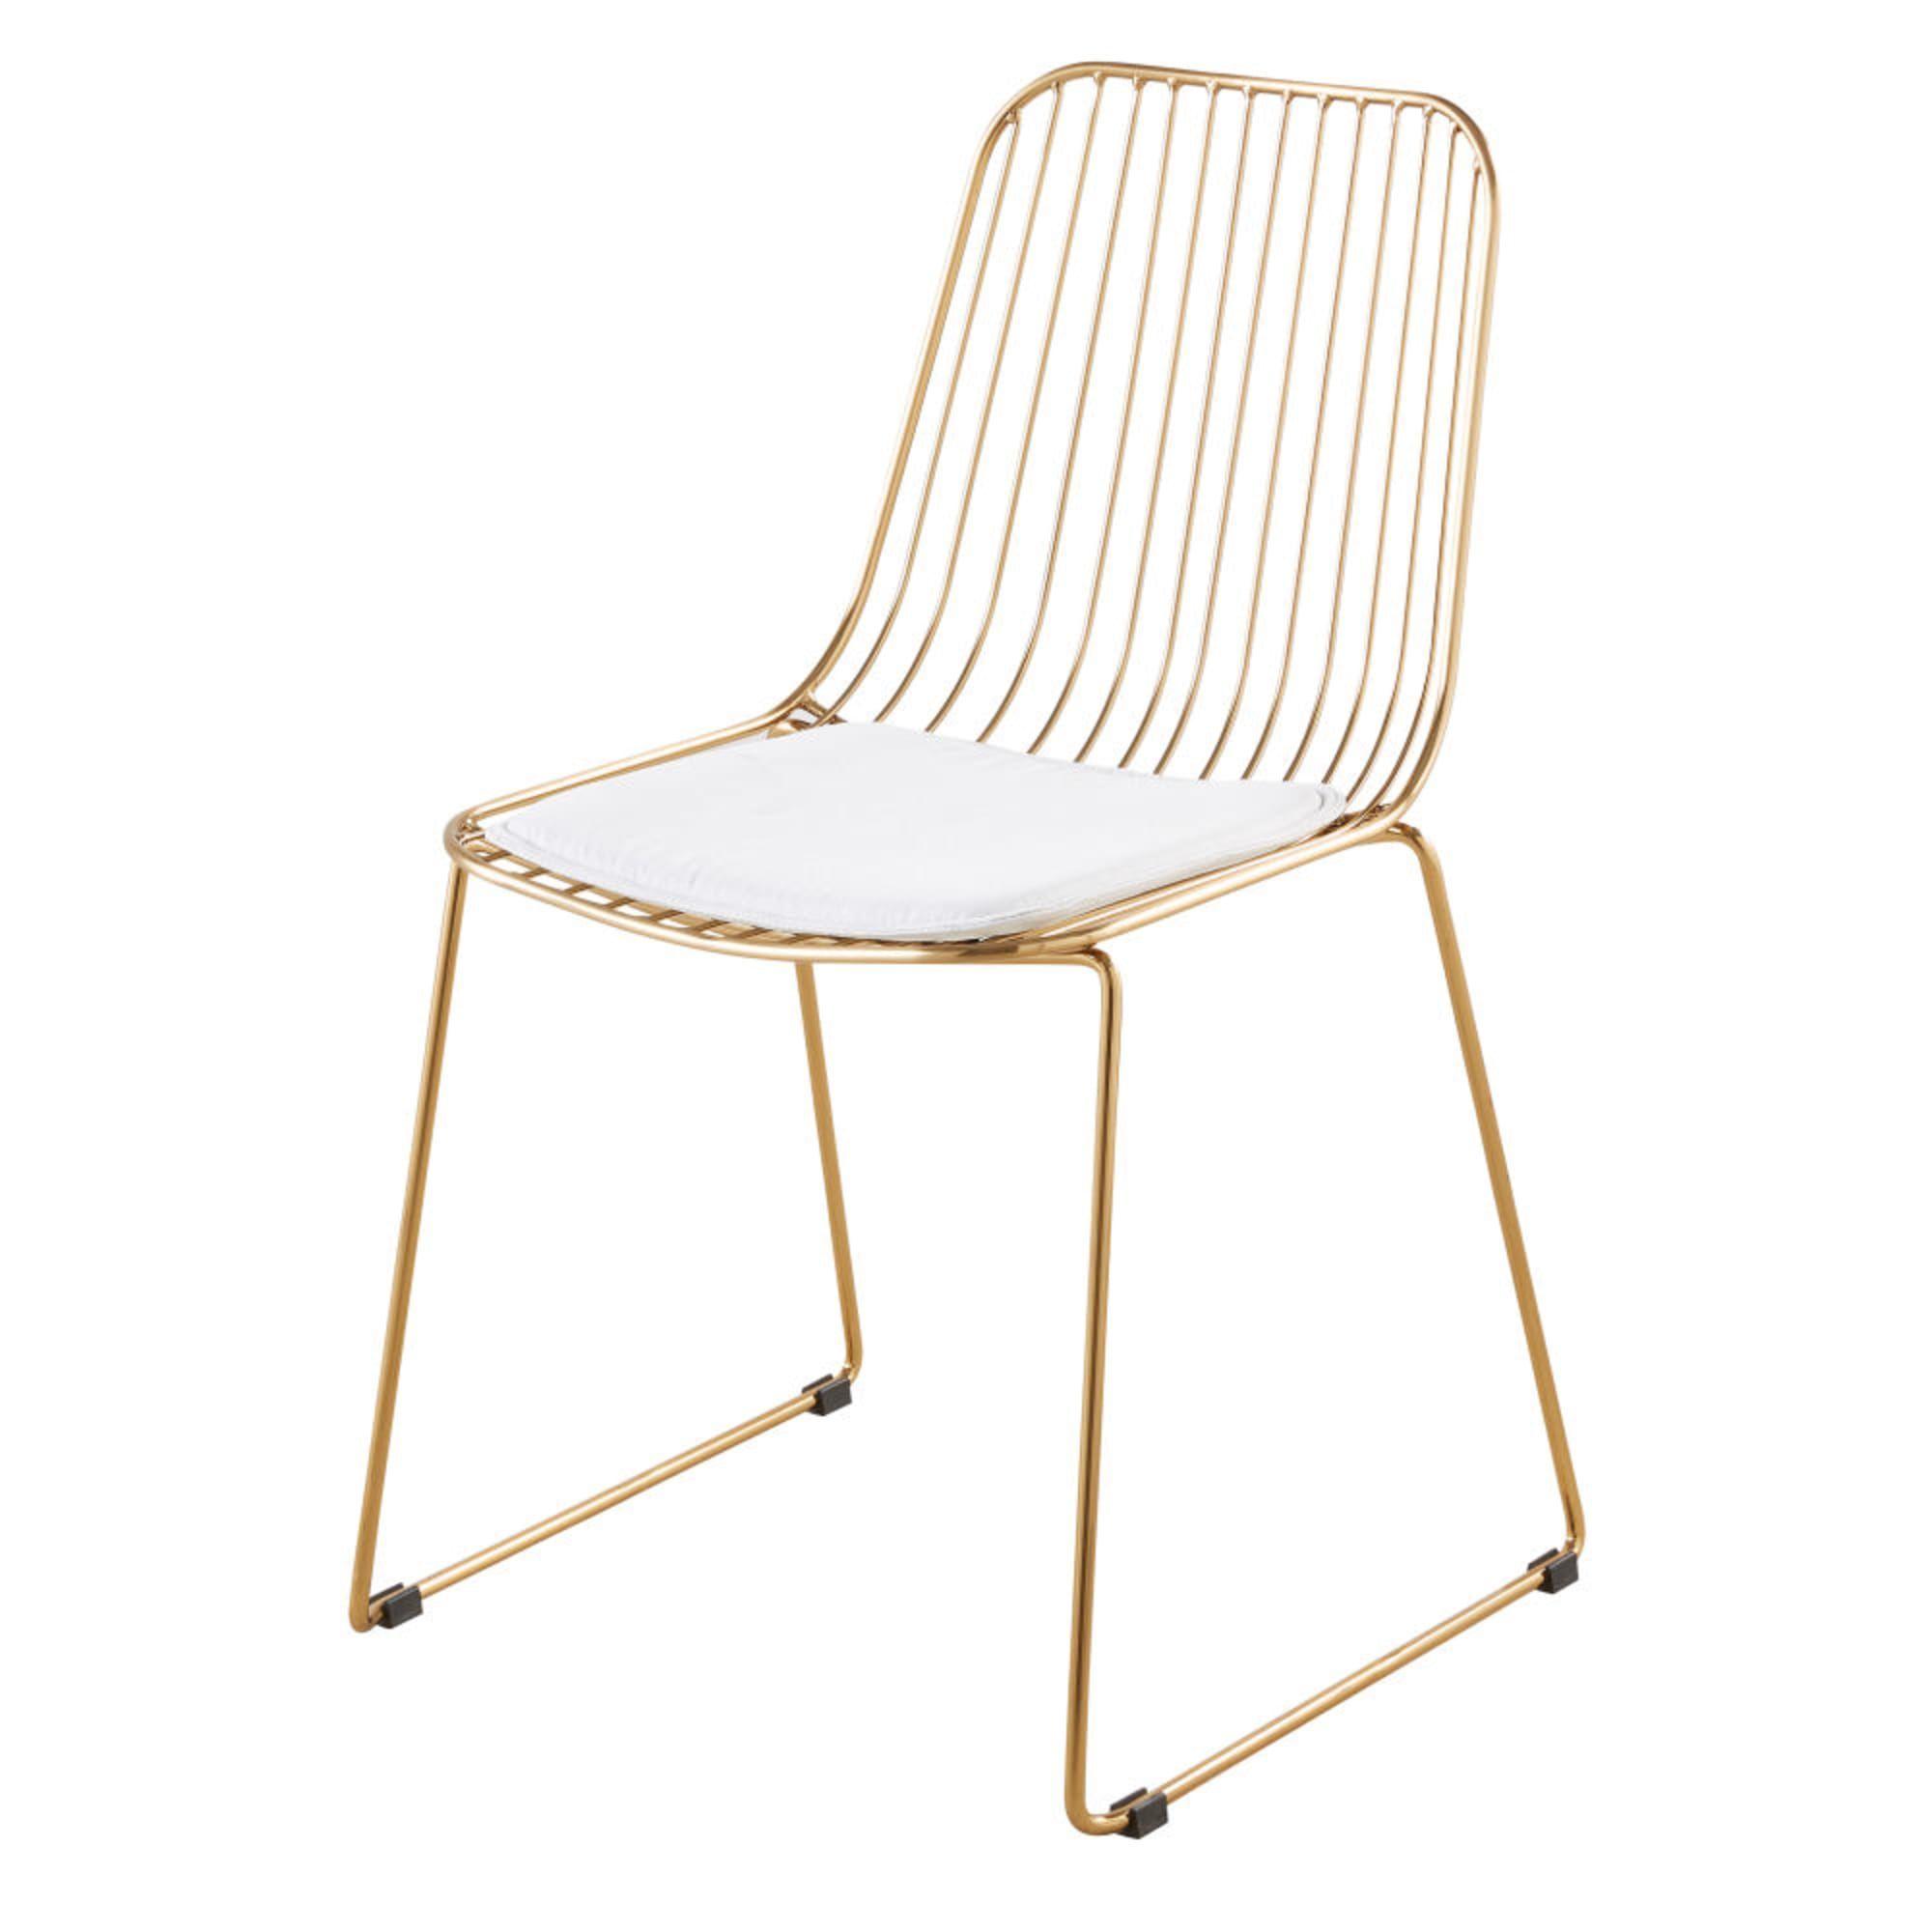 Chaise En Metal Dore Et Coton Blanc Maisons Du Monde En 2020 Chaise Metal Chaise Maison Du Monde Coton Blanc